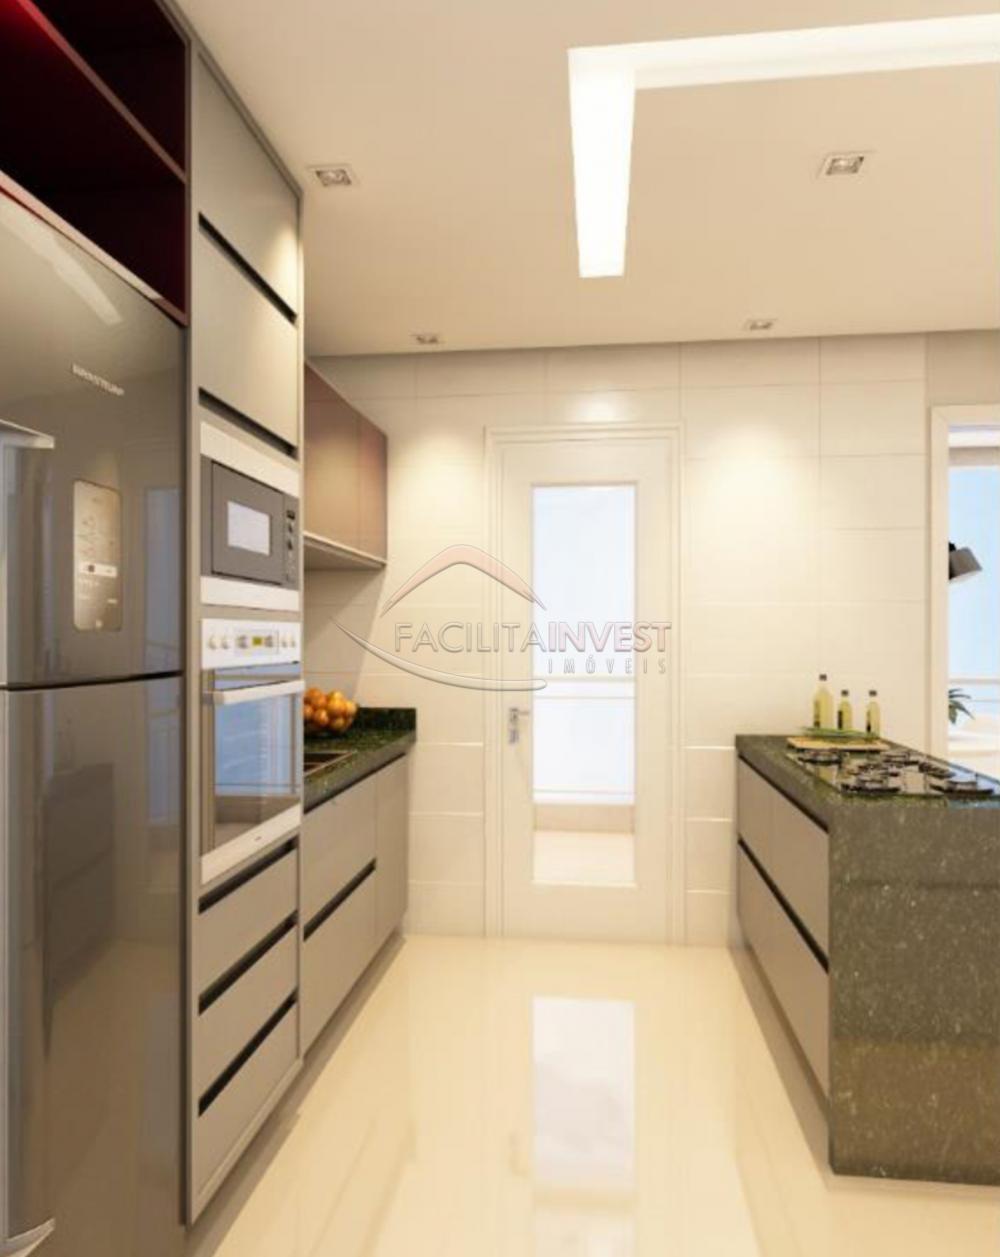 Comprar Lançamentos/ Empreendimentos em Construç / Apartamento padrão - Lançamento em Ribeirão Preto apenas R$ 549.725,00 - Foto 2